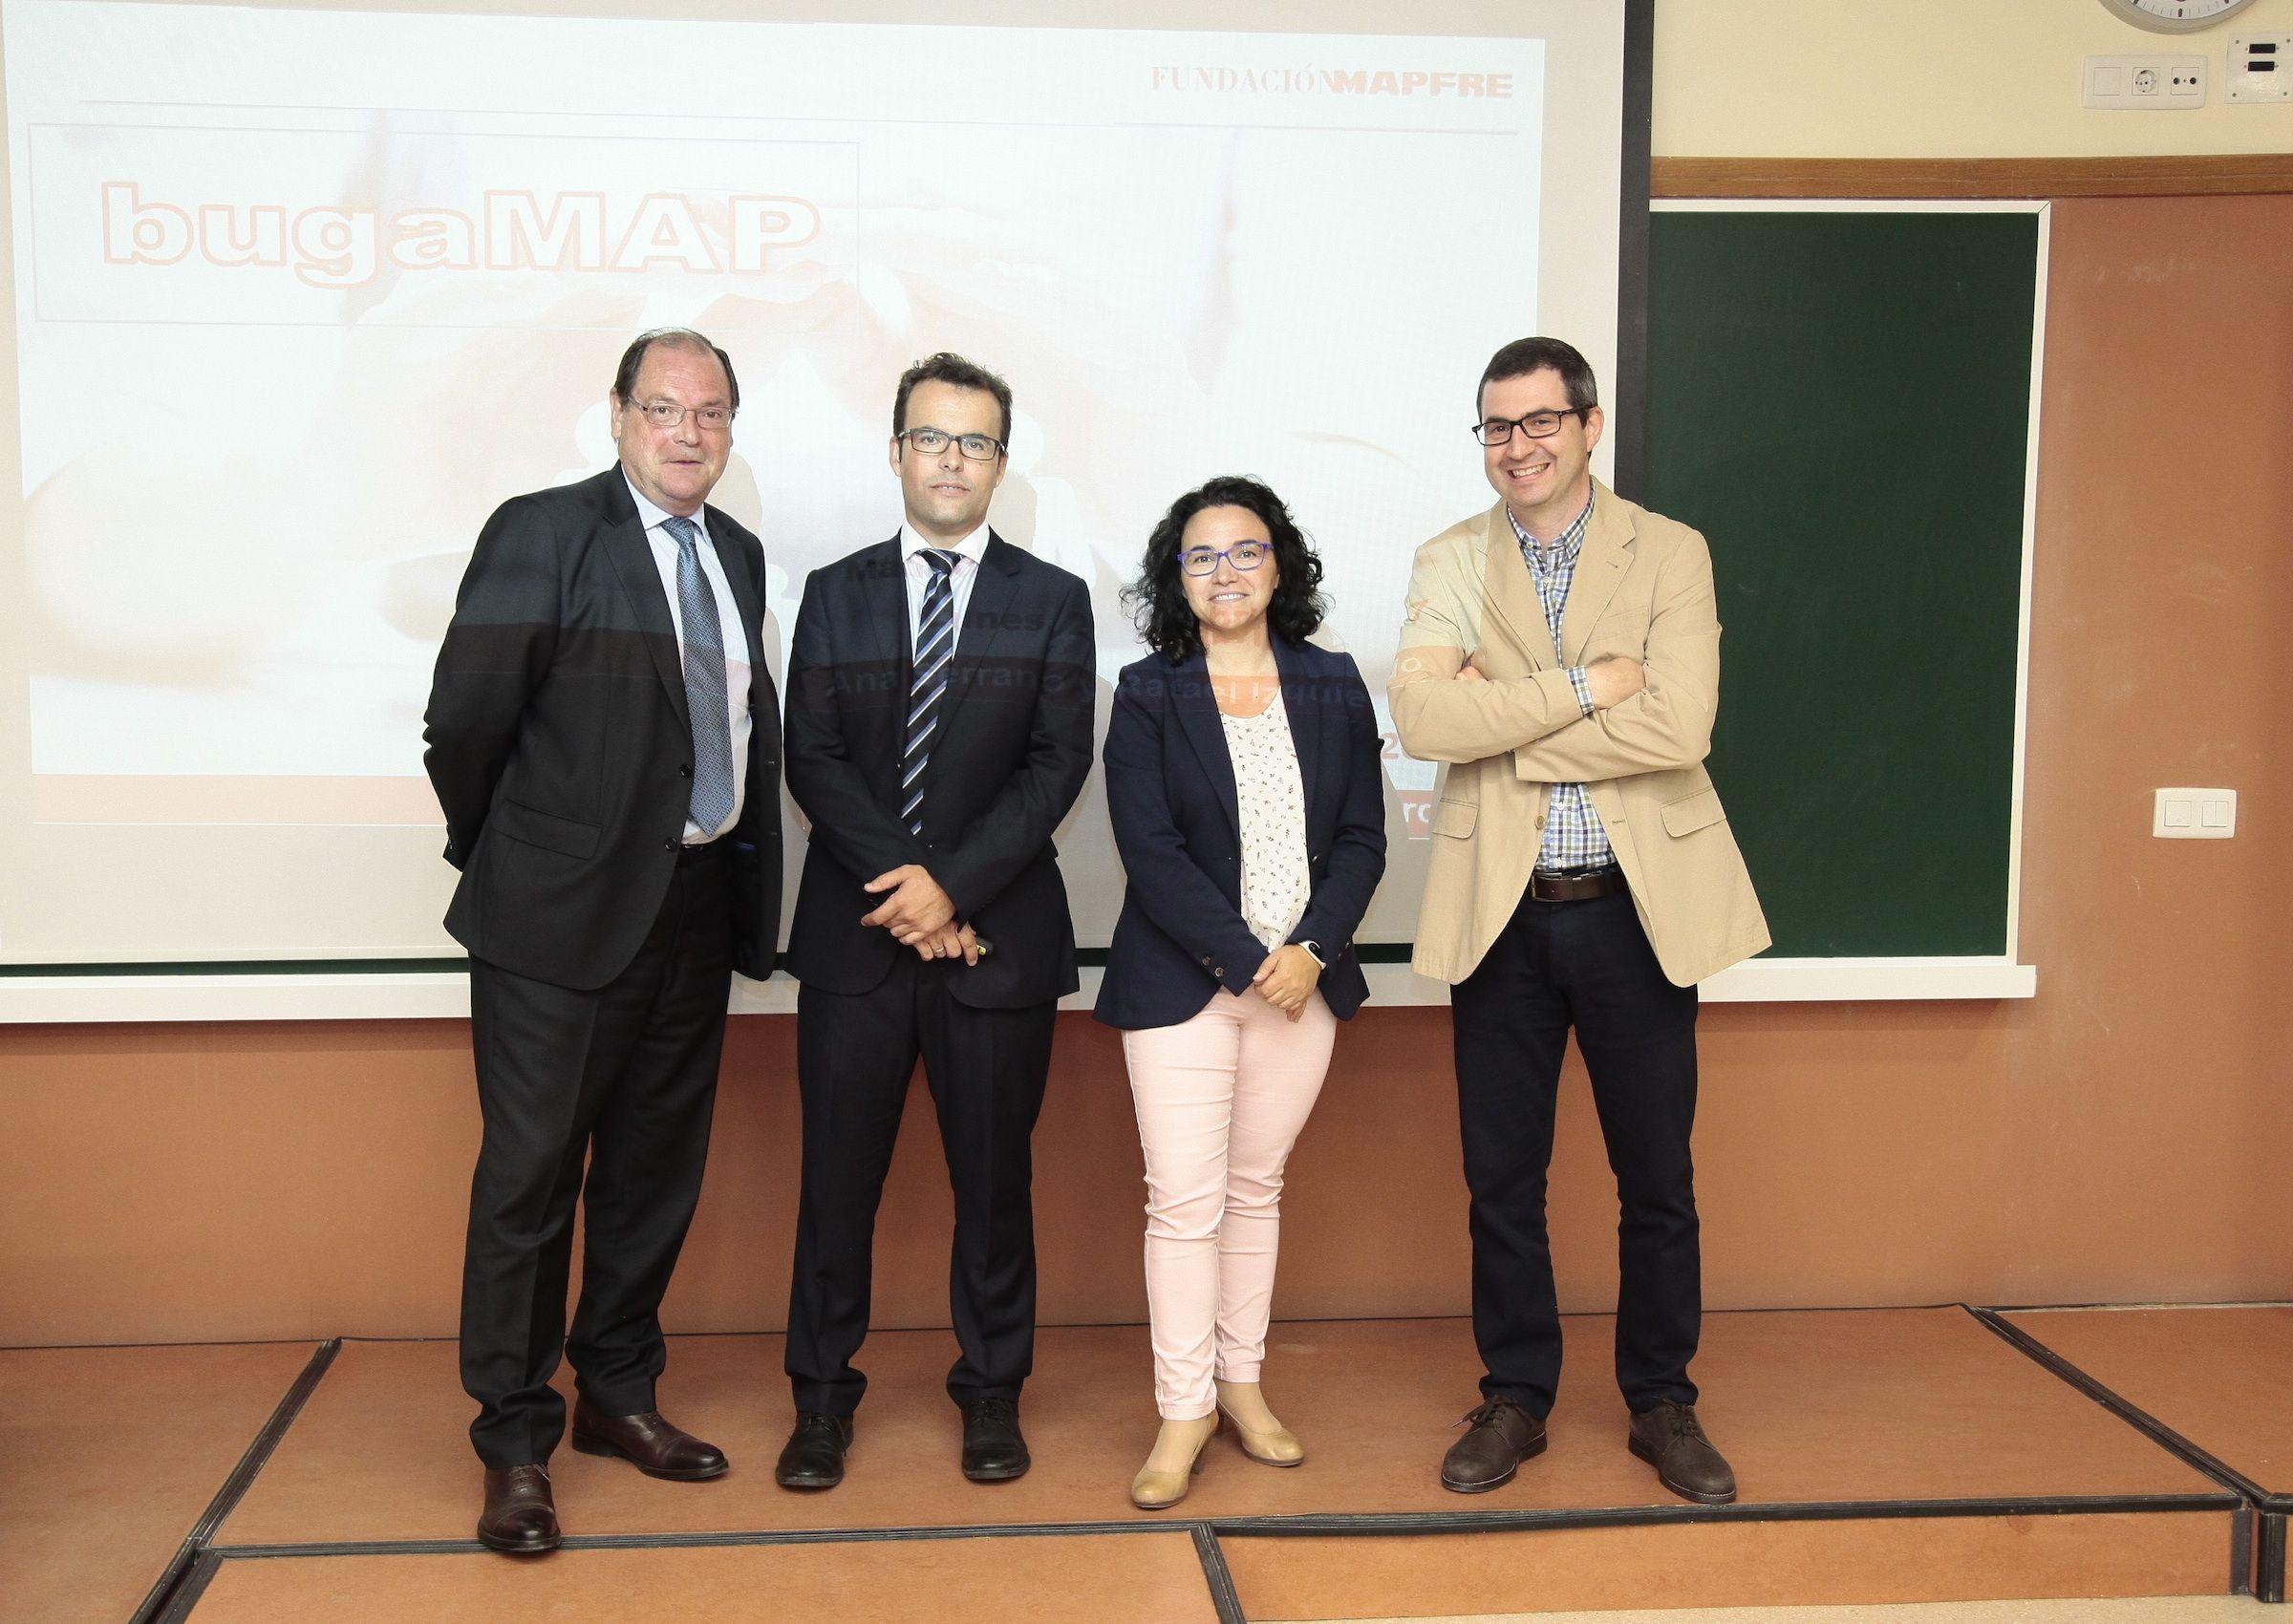 Representantes de la Fundación Mapfre junto al profesor del CEU Juan Pardo, en la presentación del business game BugaMAP en el CEU.